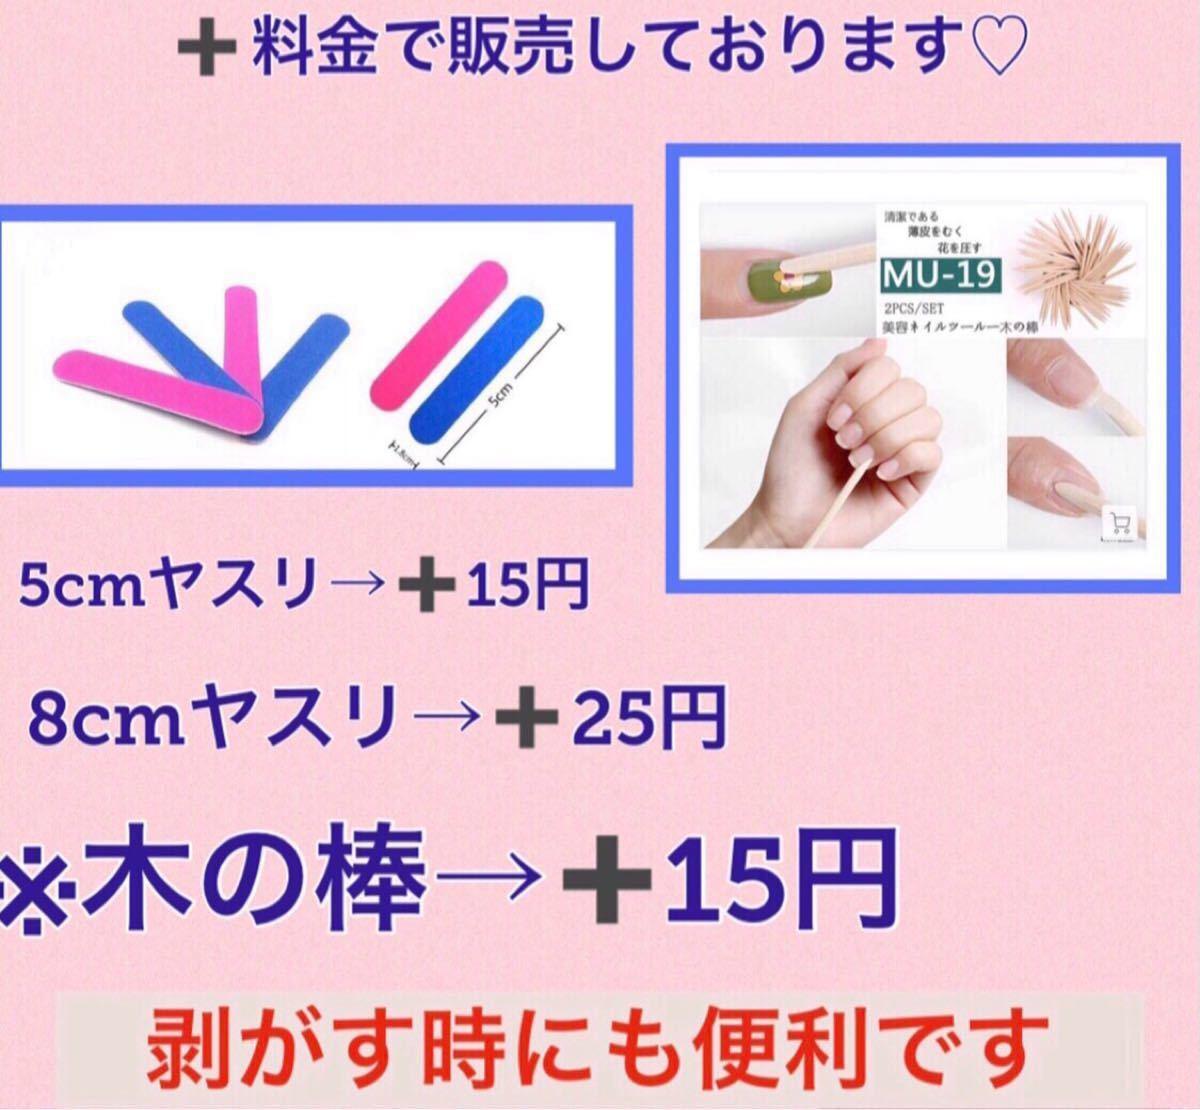 【3枚購入でシール1枚プレゼント】簡単貼るだけジェルネイルシール☆。.:。